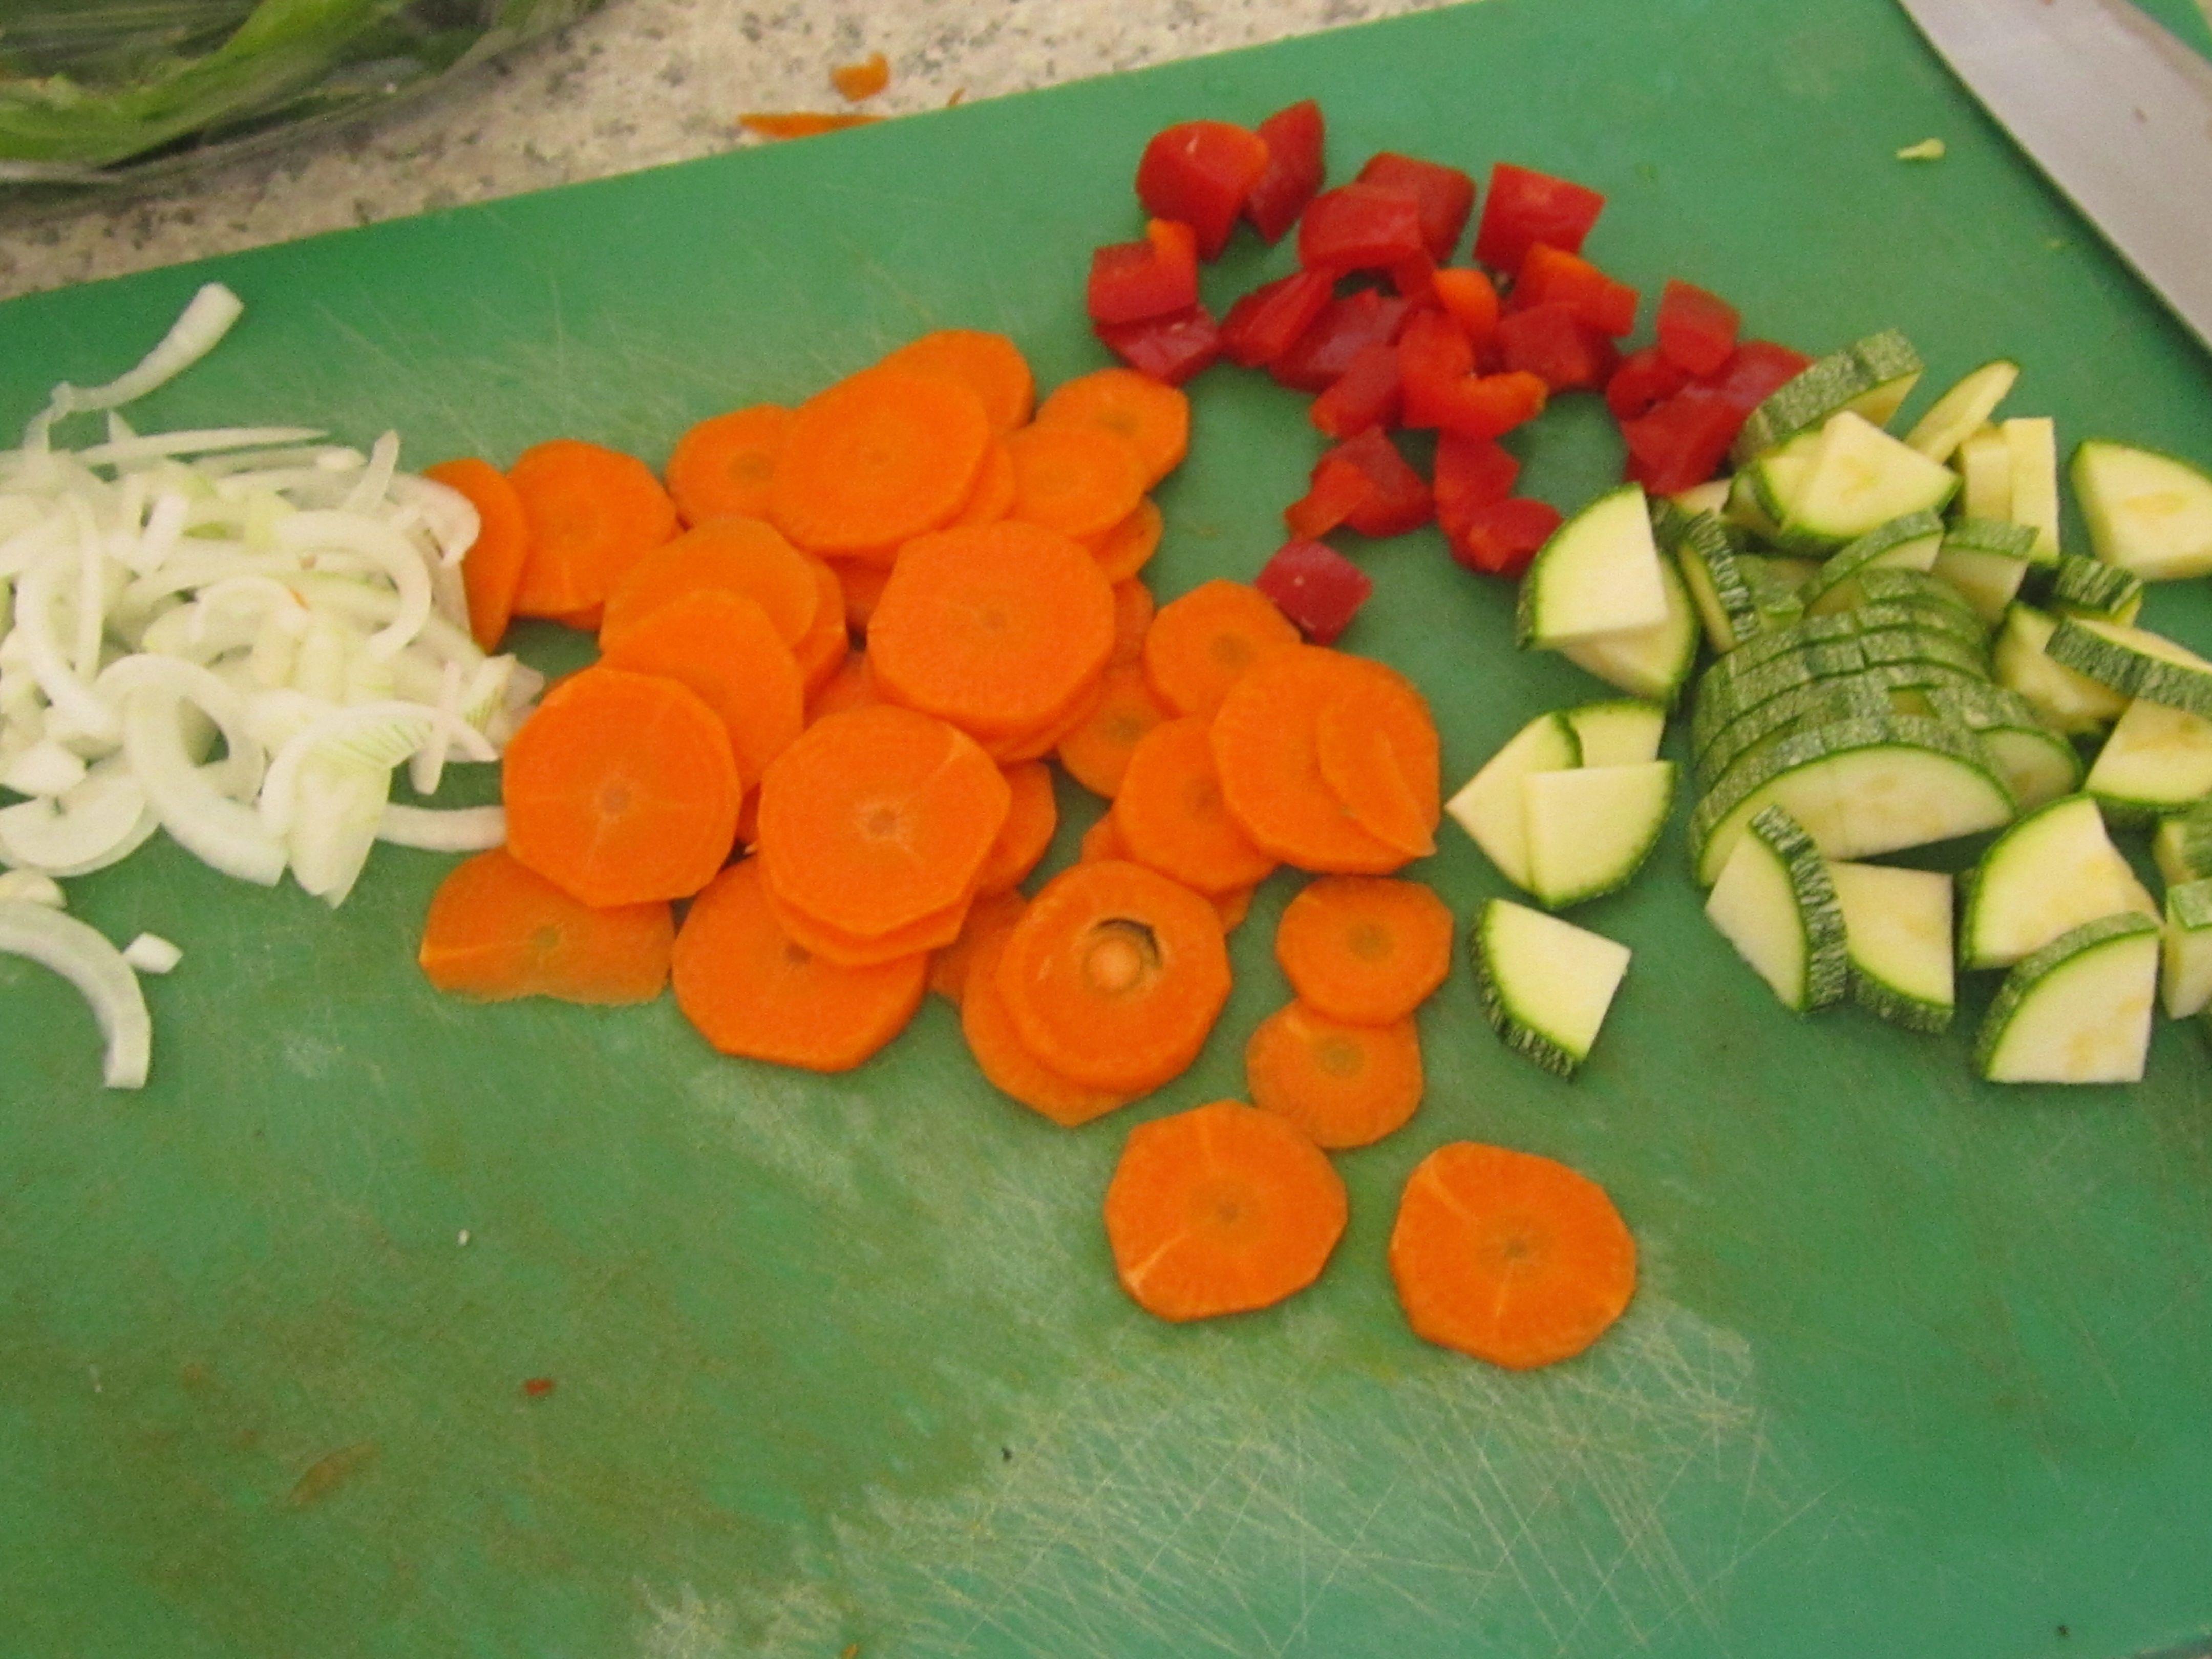 Pin En Tecnicas De Cortes En Verduras Derretir la mantequilla en una sartén con lados altos, y luego. pin en tecnicas de cortes en verduras